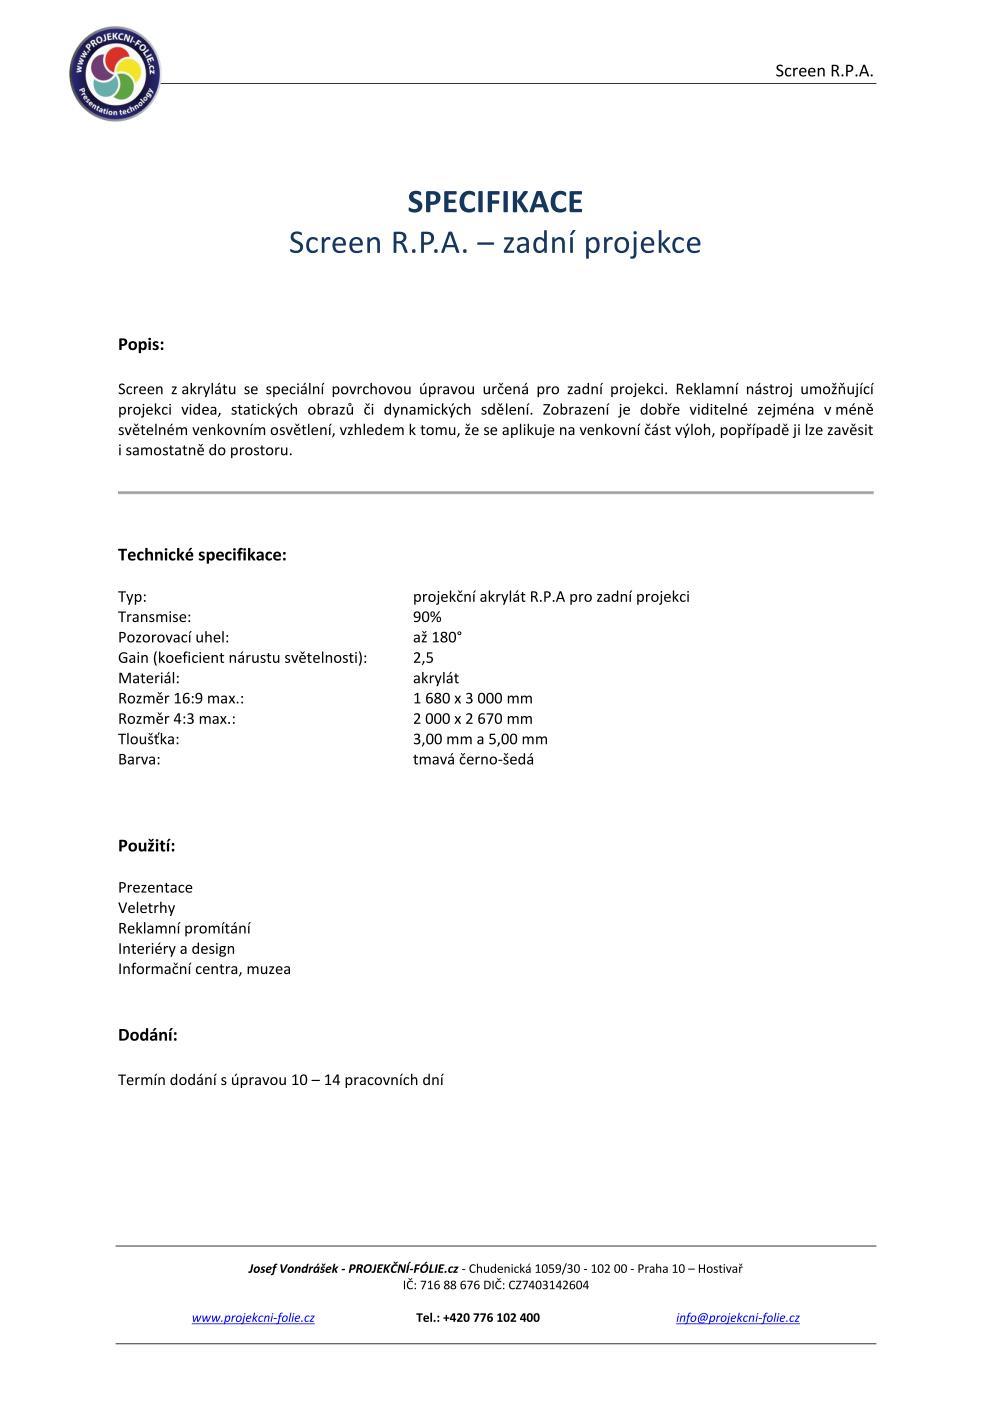 AKRYLÁT R.P.A. - zadní projekce